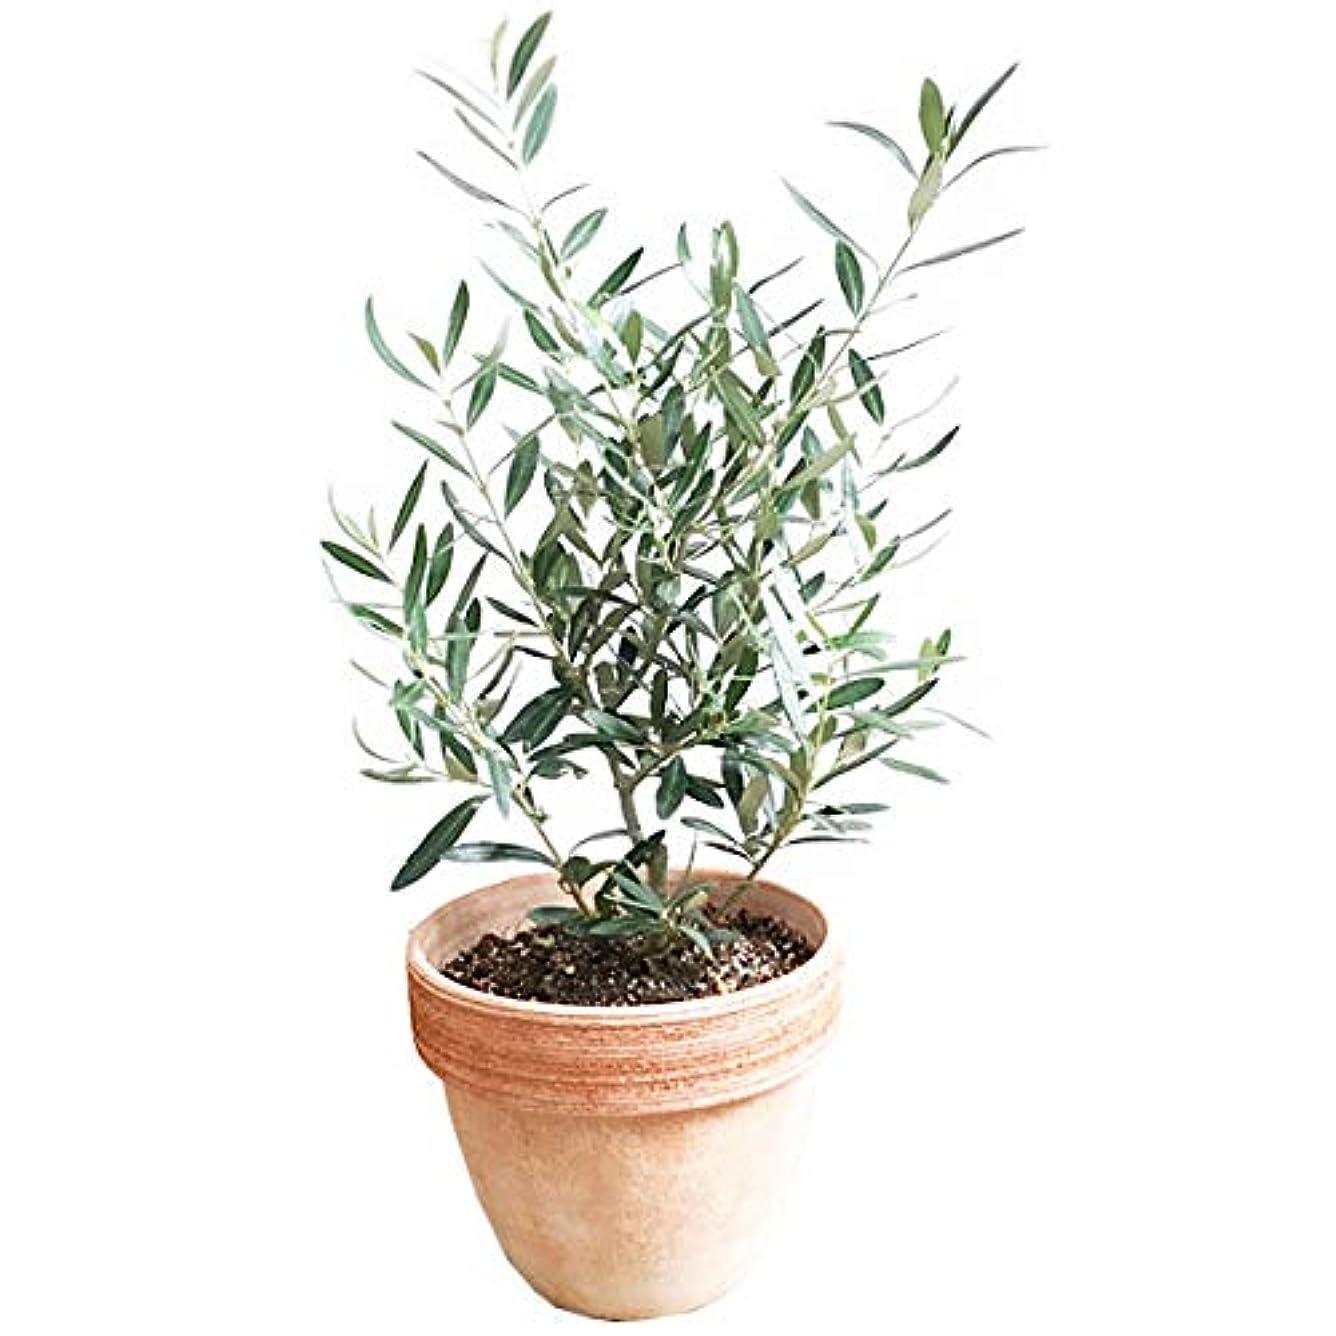 禁輸符号速度オリーブの木 イタリア製テラコッタ鉢植え 観葉植物 本物 ガーデニング インテリア ミニ 中型